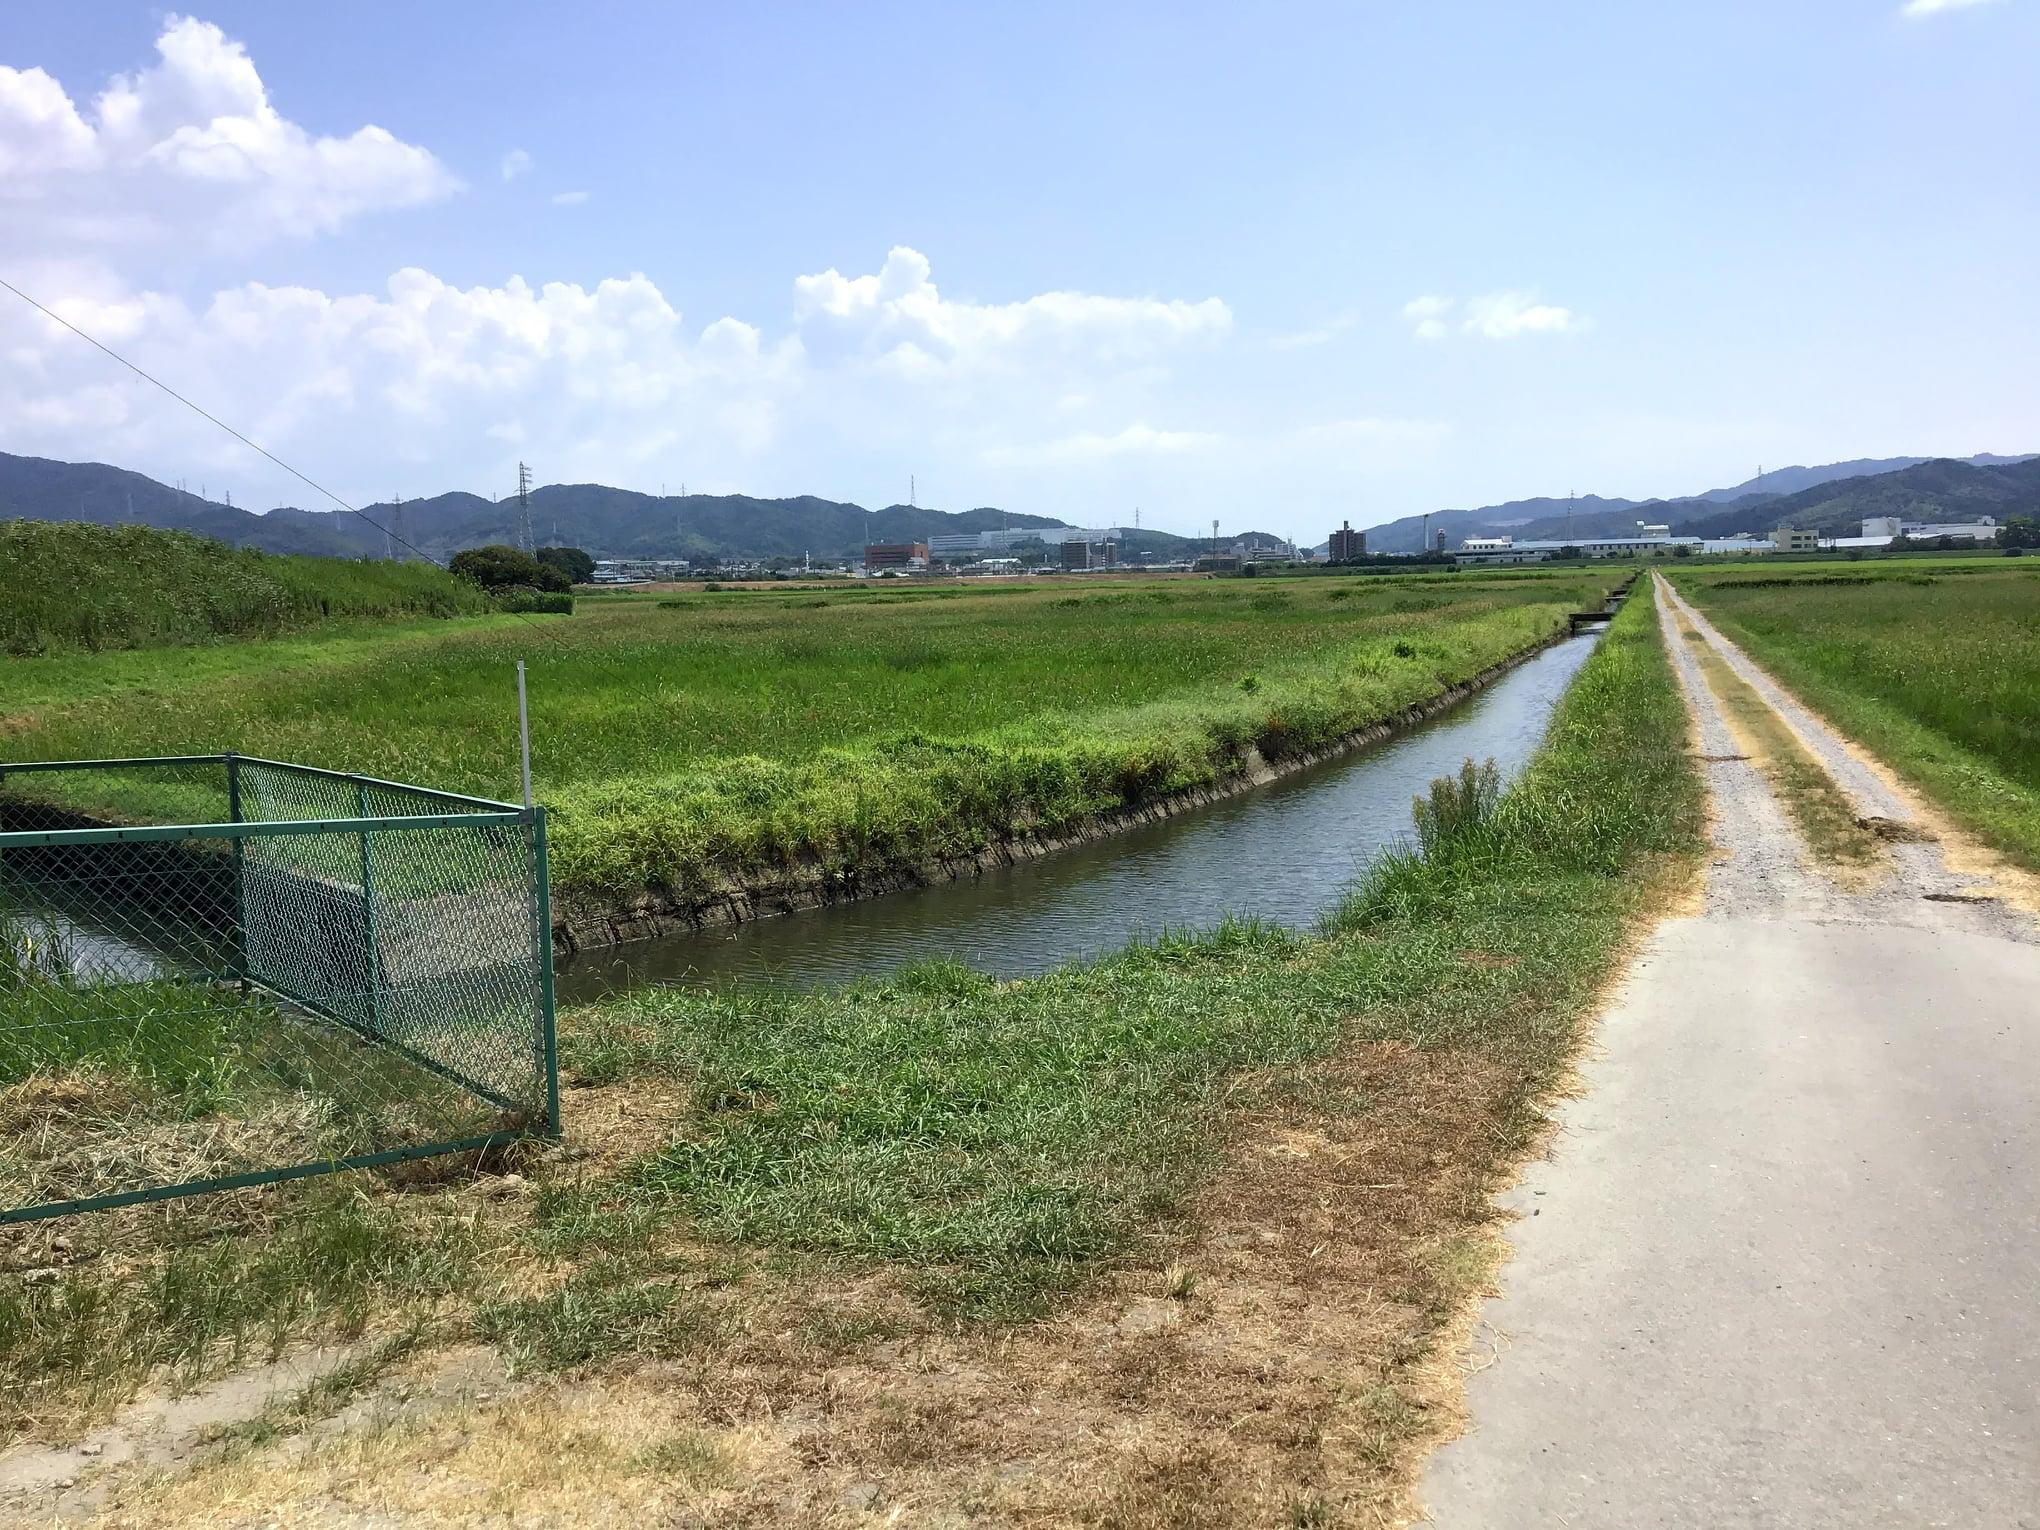 いる『菱池遊水地予定地』の確認をしてきました。  この辺りは昔は菱池という大きな池があり、開墾をして今では広大な水田となっています。写真は『菱池遊水地予定地』と「菱池排水機場」です。現在も2基のポンプがありますが昭和3年製の古いポンプは使用していないようです。 早期の完成に努めます。